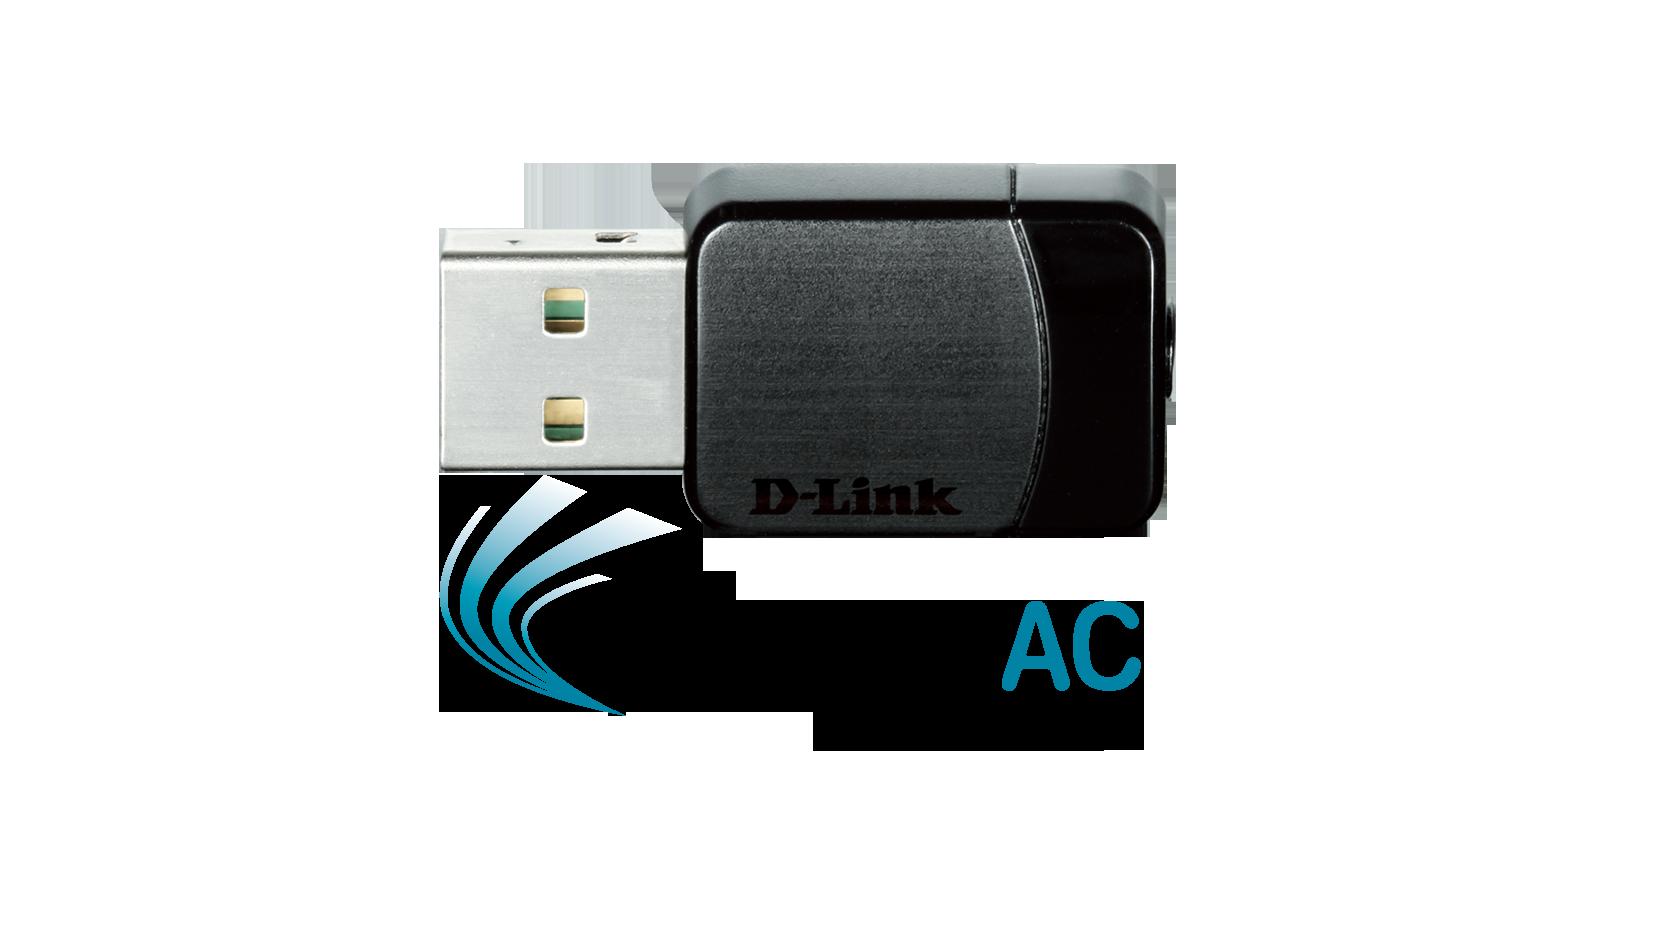 کارت شبکه USB دی لینک D-LINK DWA‑171 AC600یکی دیگر از محصولات کمپانی دی لینک است که قابلیت کارکرد در دو فرکانس 2.4 و 5.8 GHZ را دارا می باشد . محصول فوق توانایی تبادل اطلاعات با سرعت 430Mbps